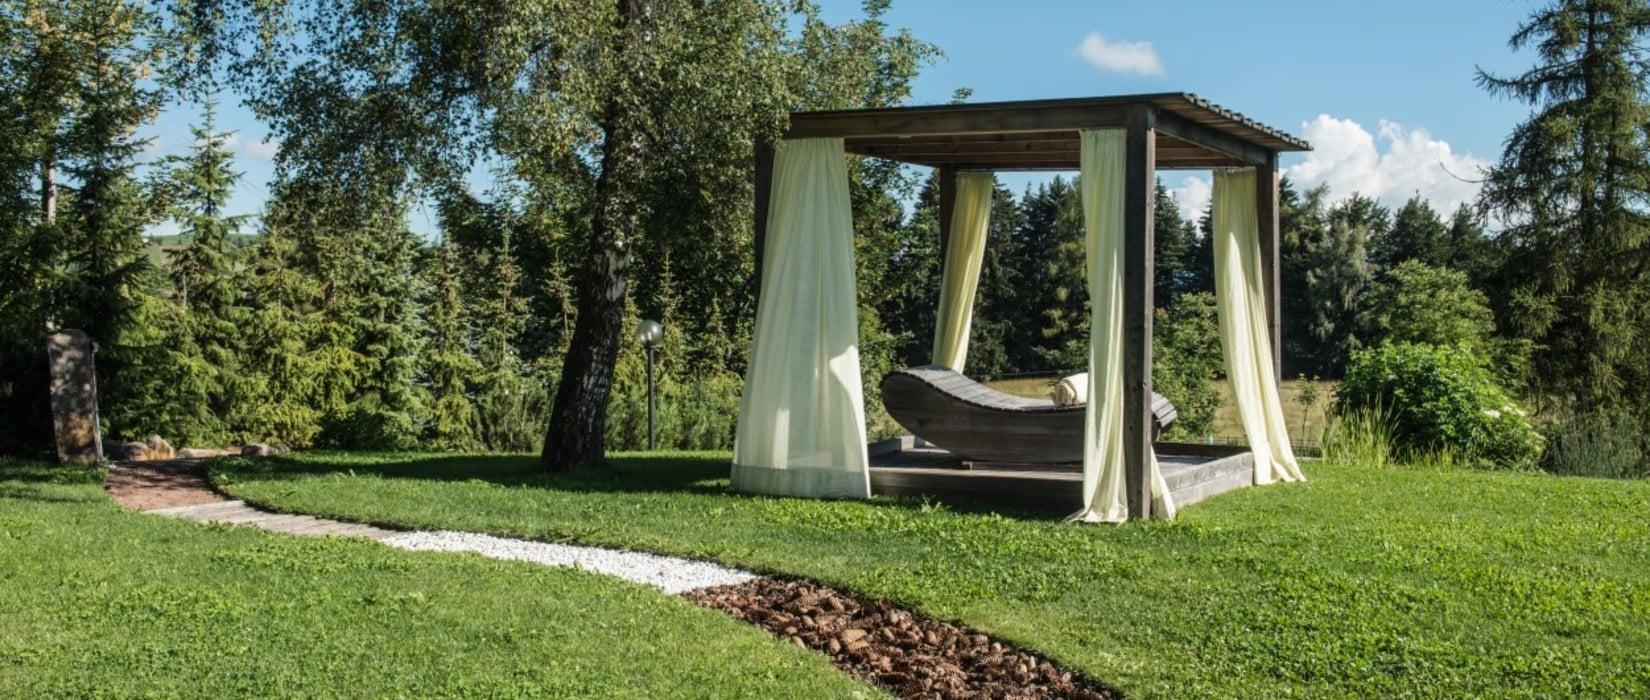 Wandern und Entspannen in Südtirol